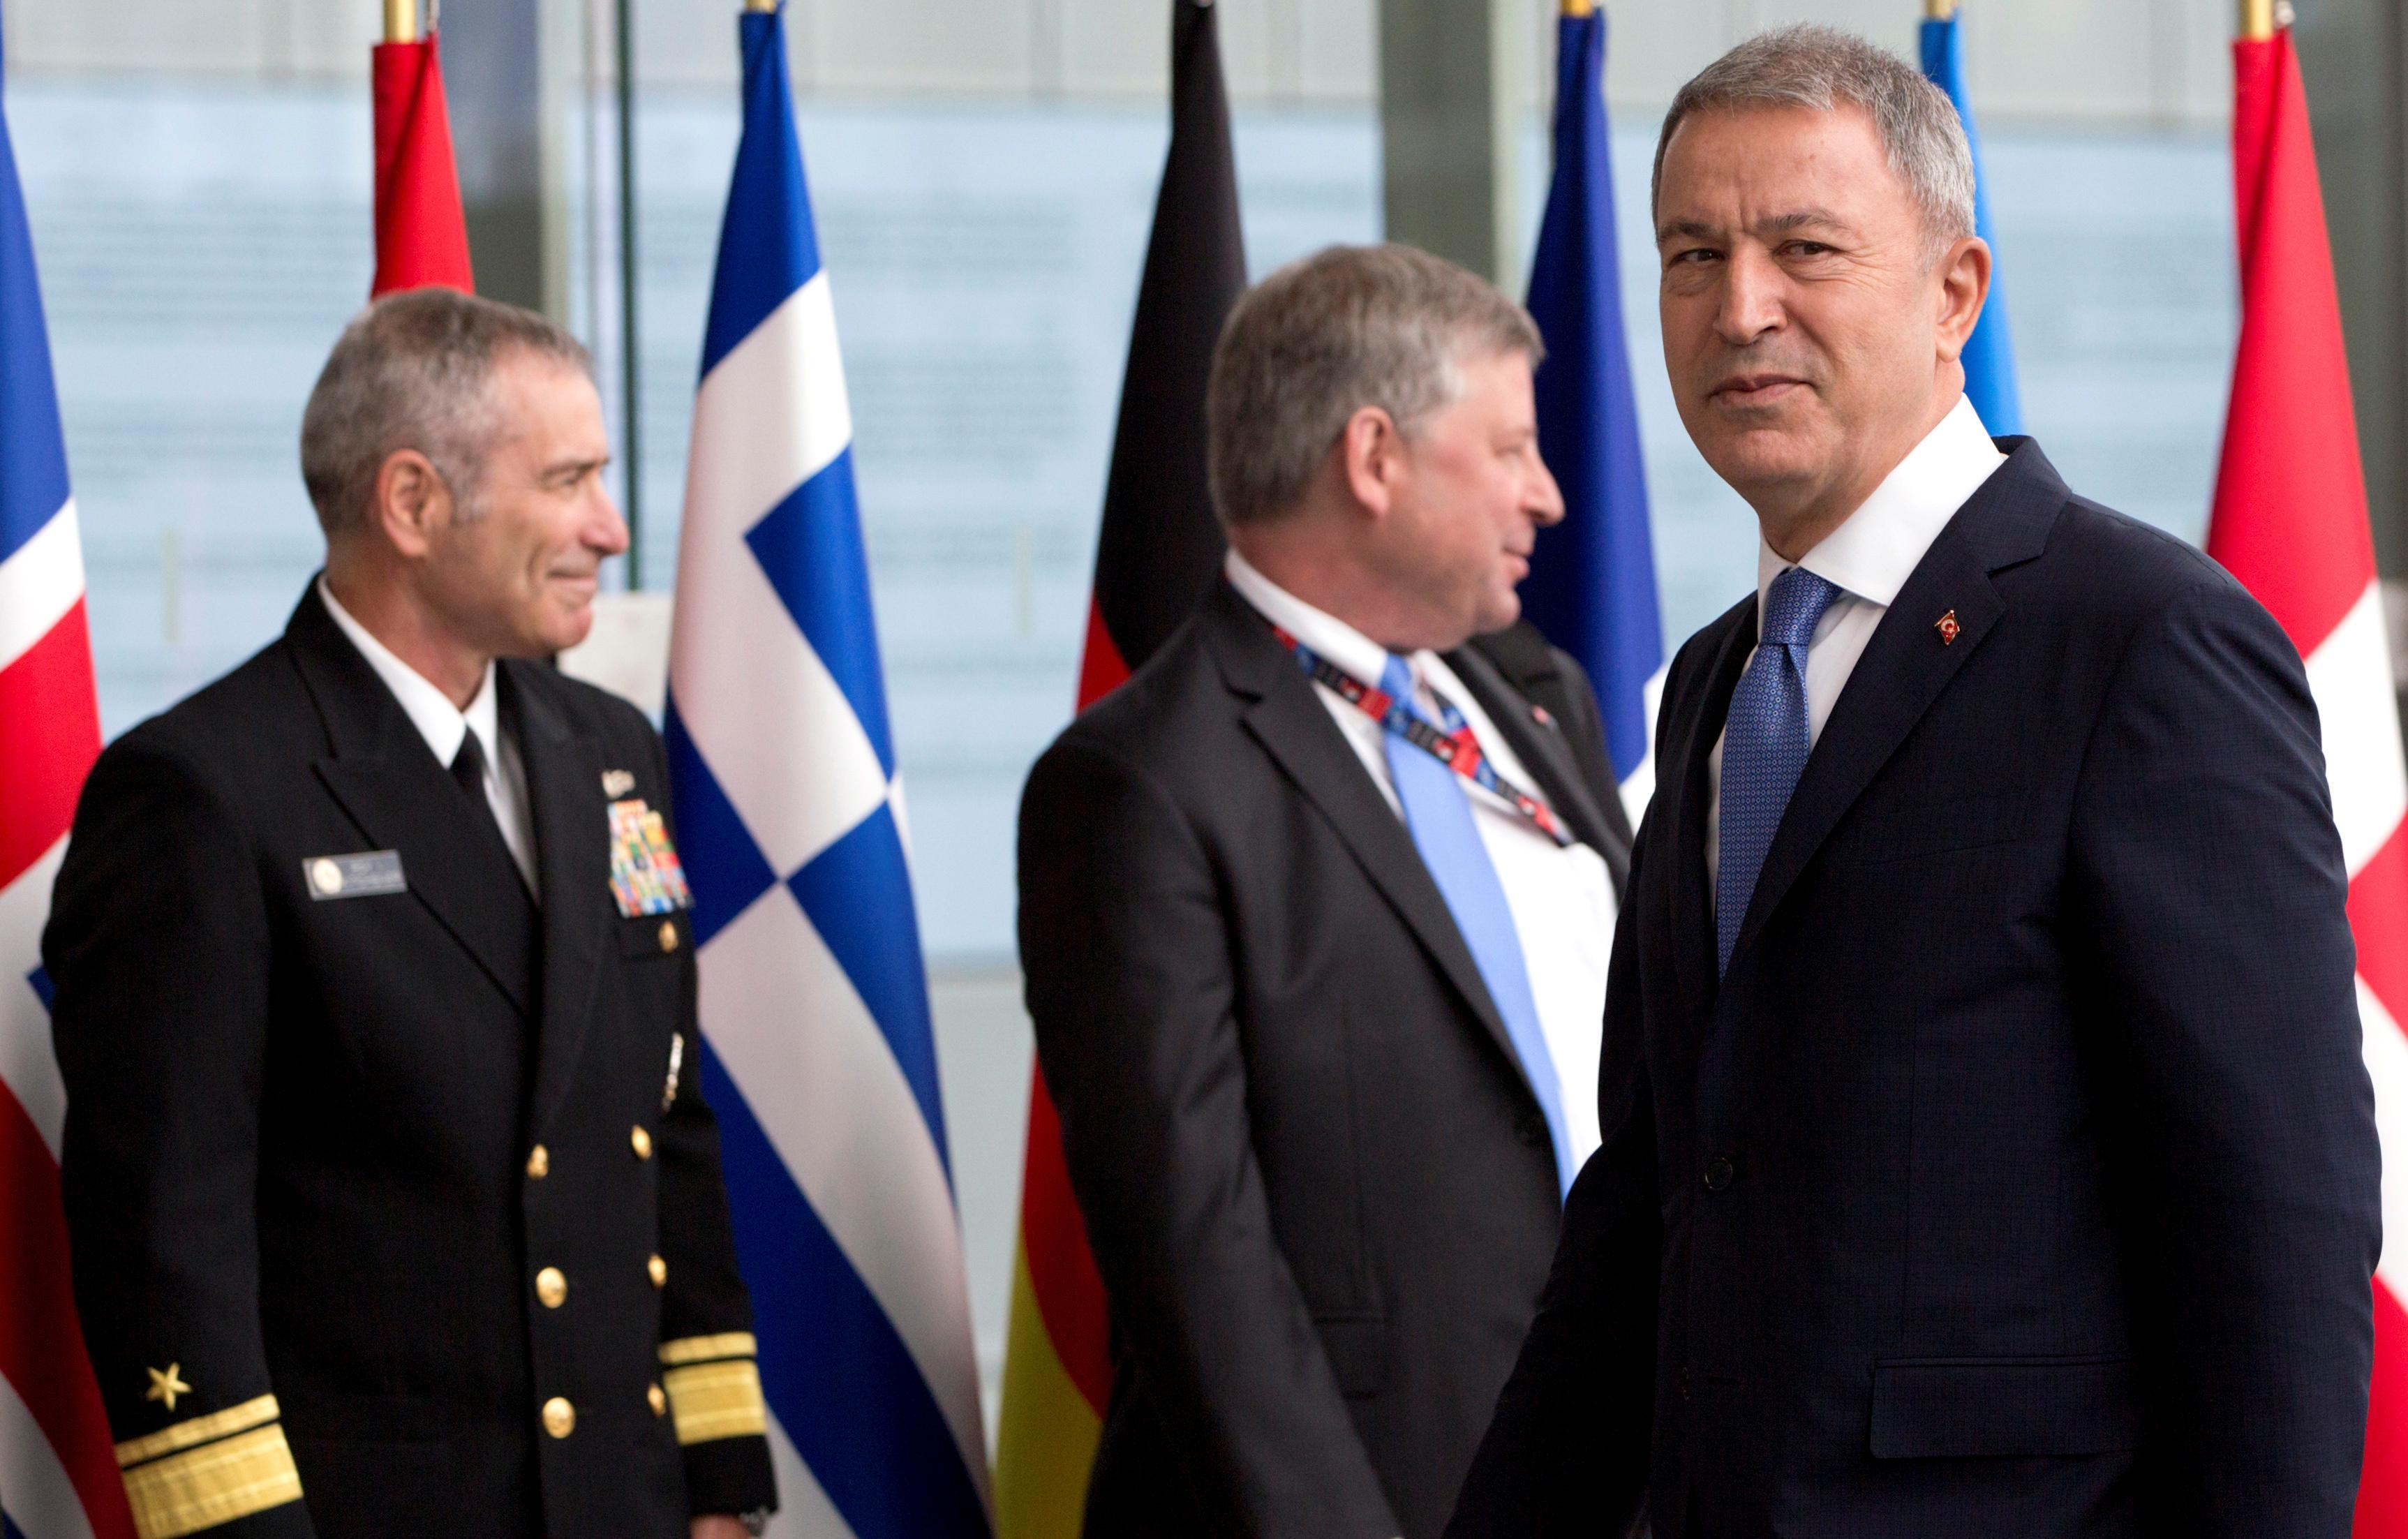 Turkey says Syria safe zone center with U.S. fully operational: Anadolu